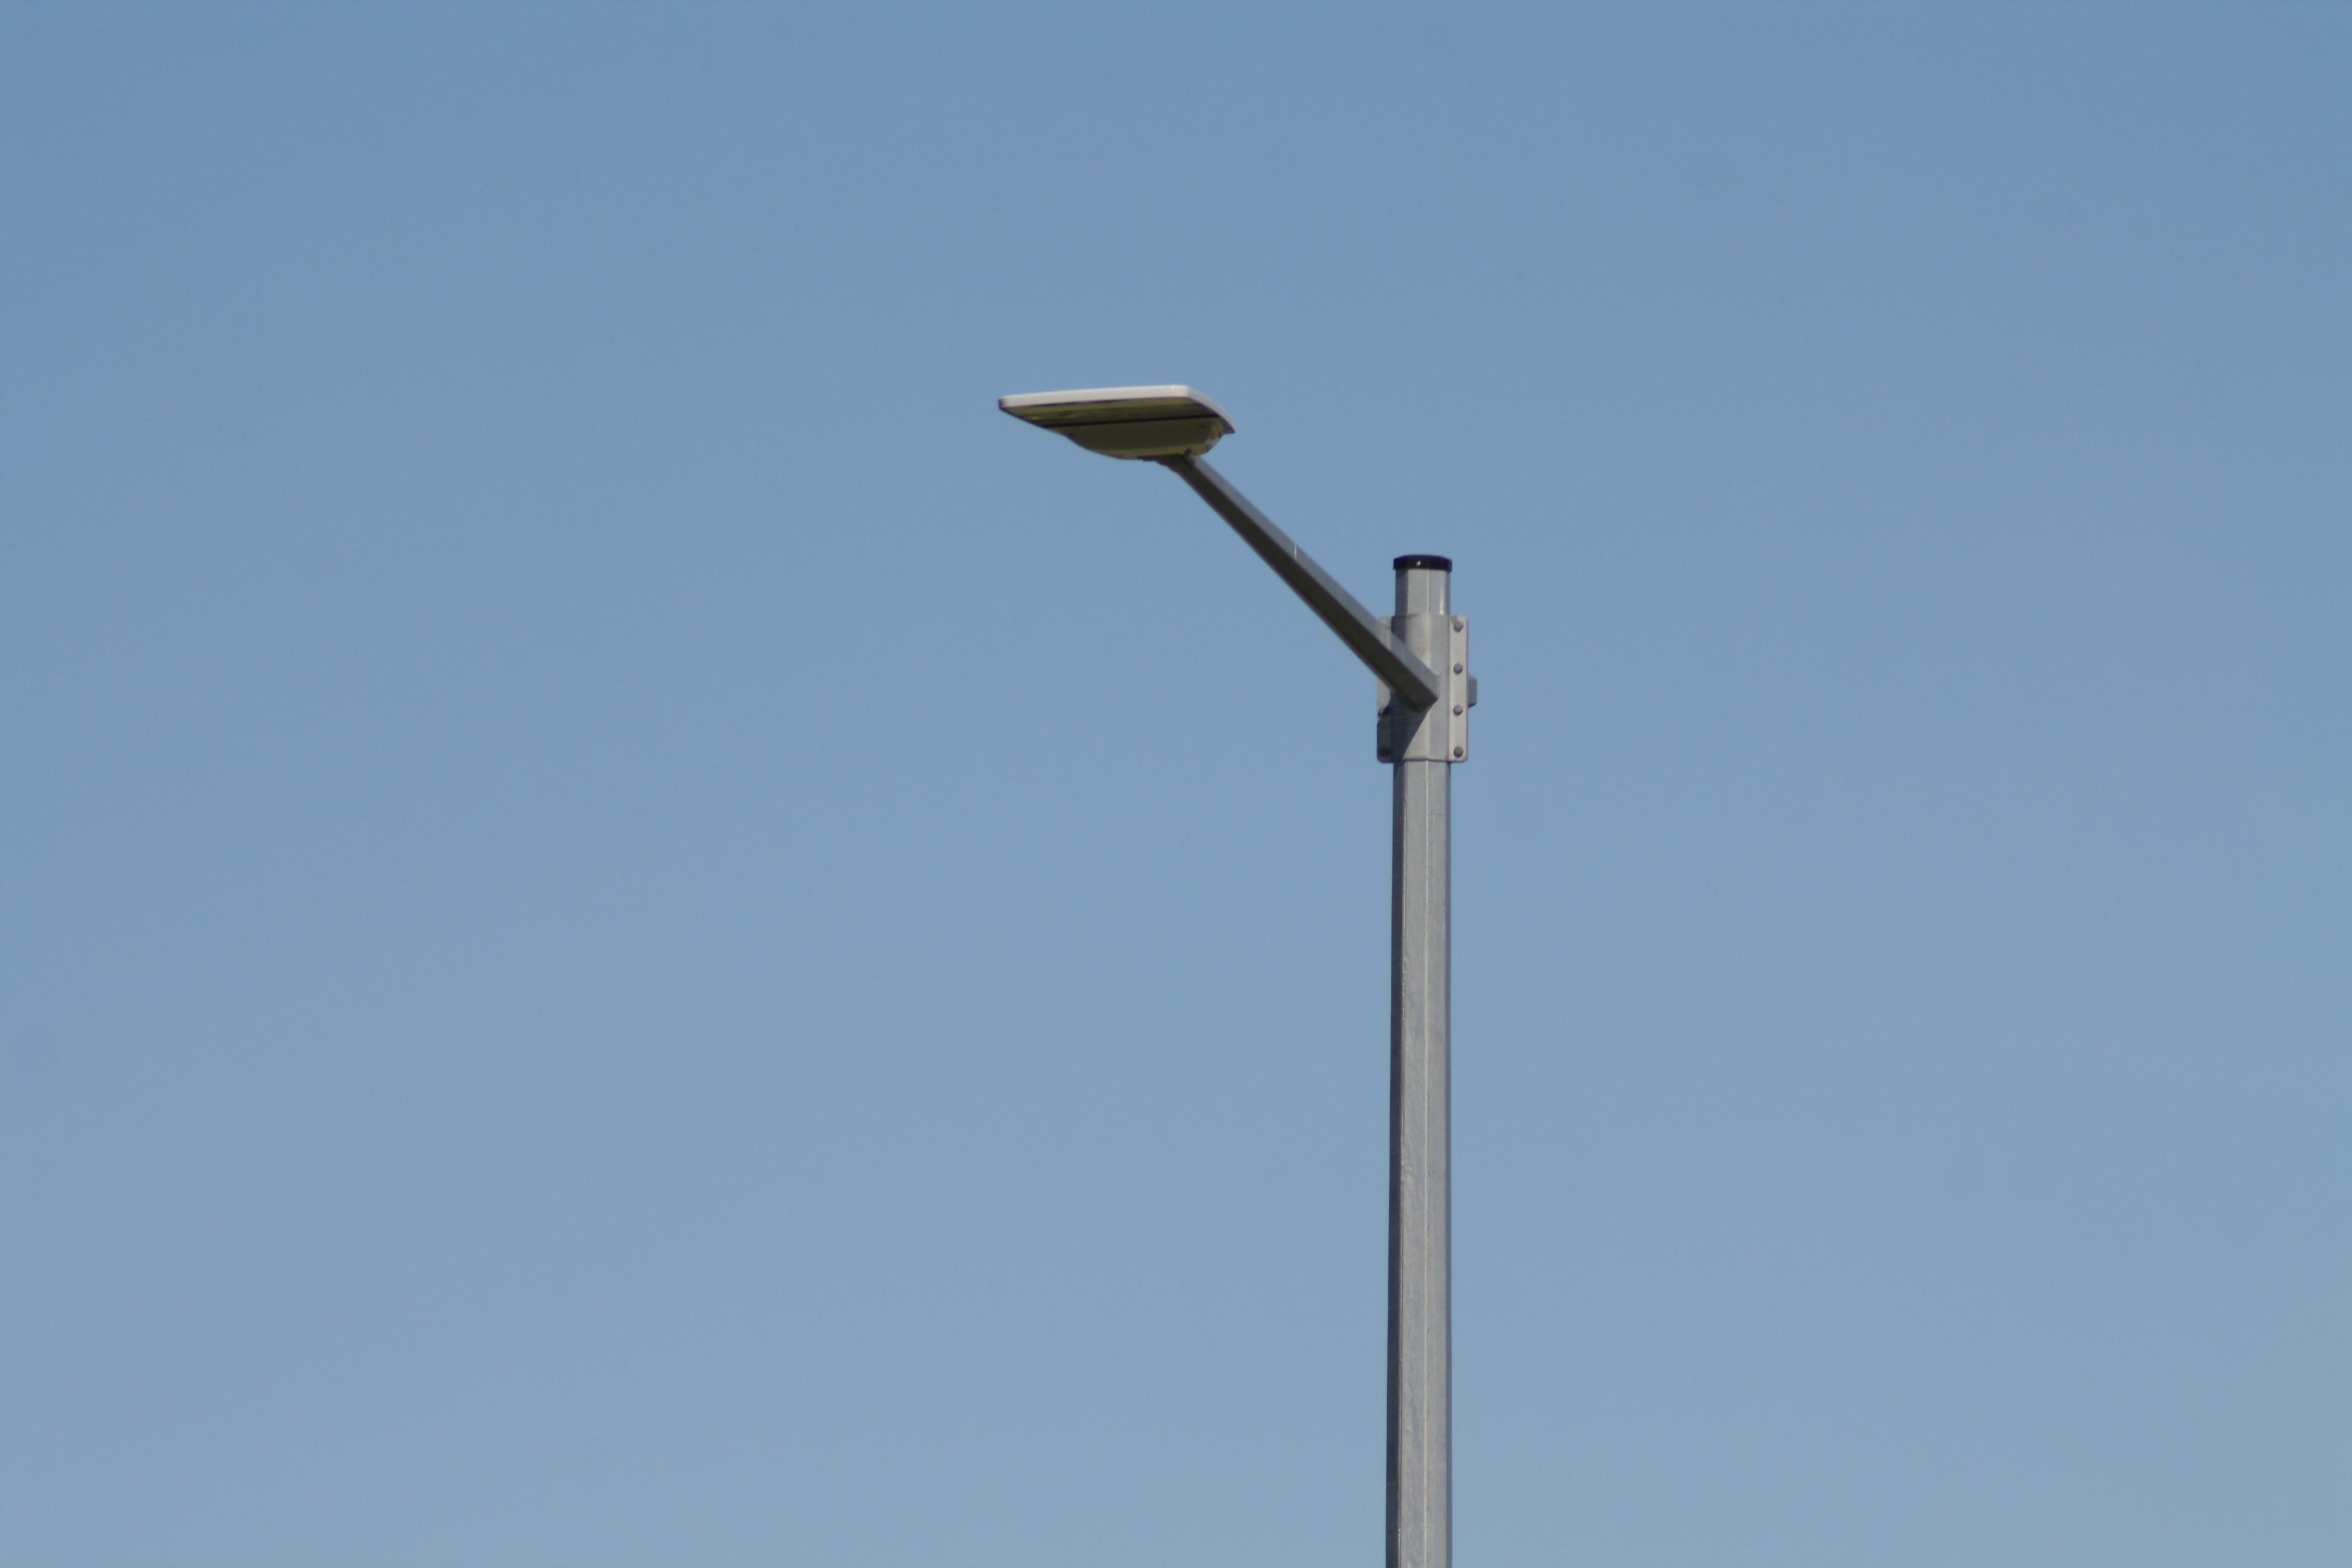 På tisdagen vred Mörbylånga kommuns entreprenör efter önskemål av GAF ner den i våras uppsatta LED-gatlampan vid avtaget från 136 till station Linné. I fortsättningen minskar därmed störningen av bländning och ströljus in över stationens parkeringsplats när vi arrangerar allmänhetens astronomiska visningskväll men utan att trafiksäkerheten äventyras. För gatlampan belyser fortfarande vägen, korsningen och avfarten men på ett korrekt vis.